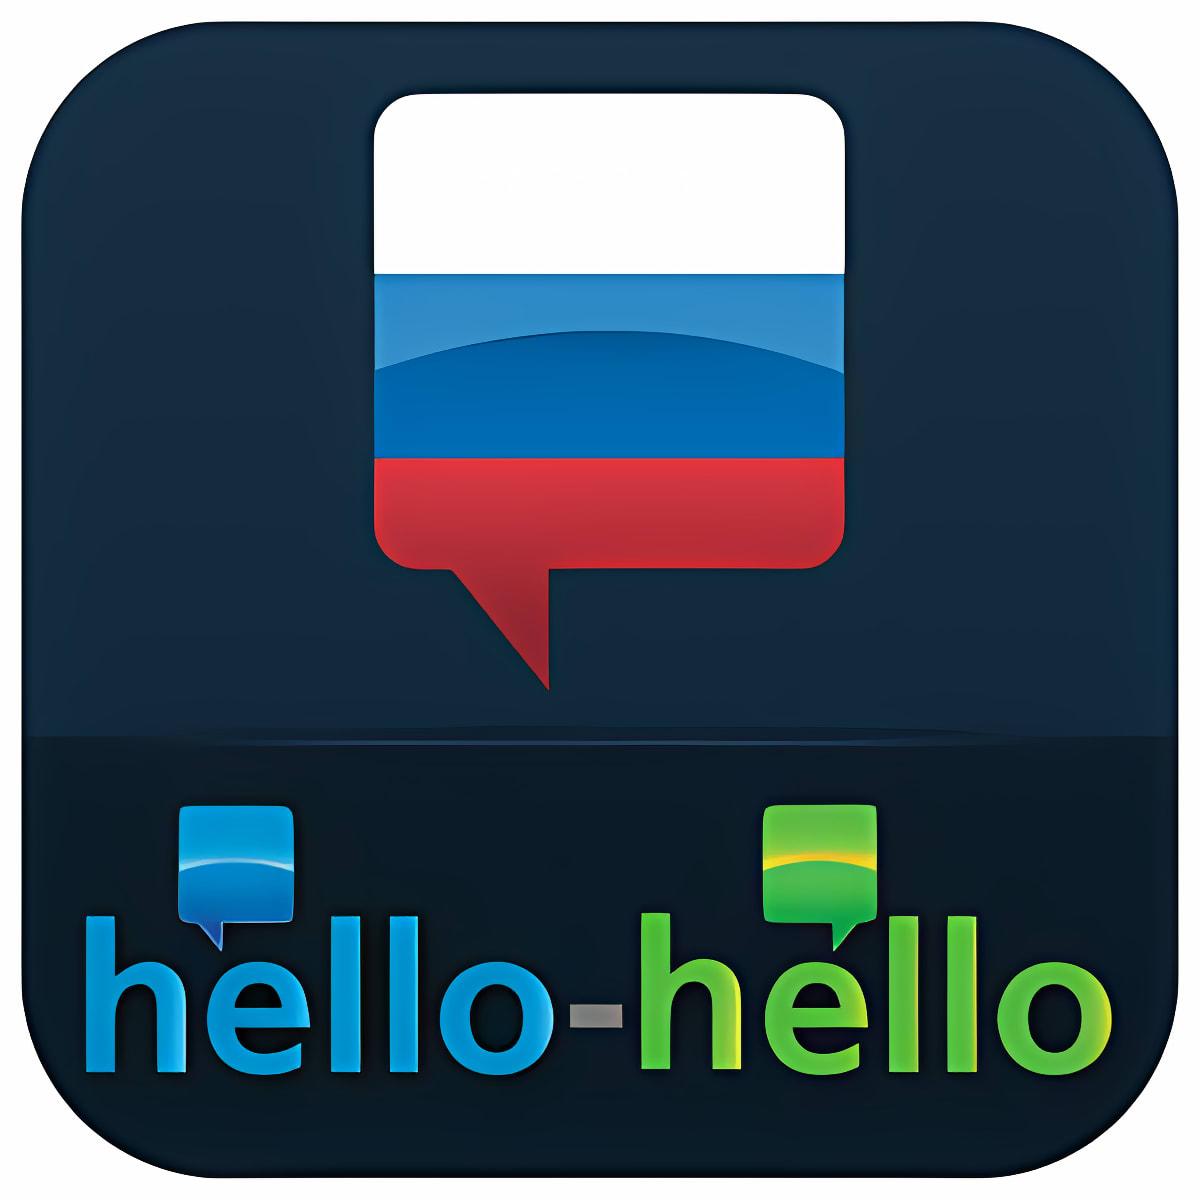 Curso de Ruso (Hello-Hello)